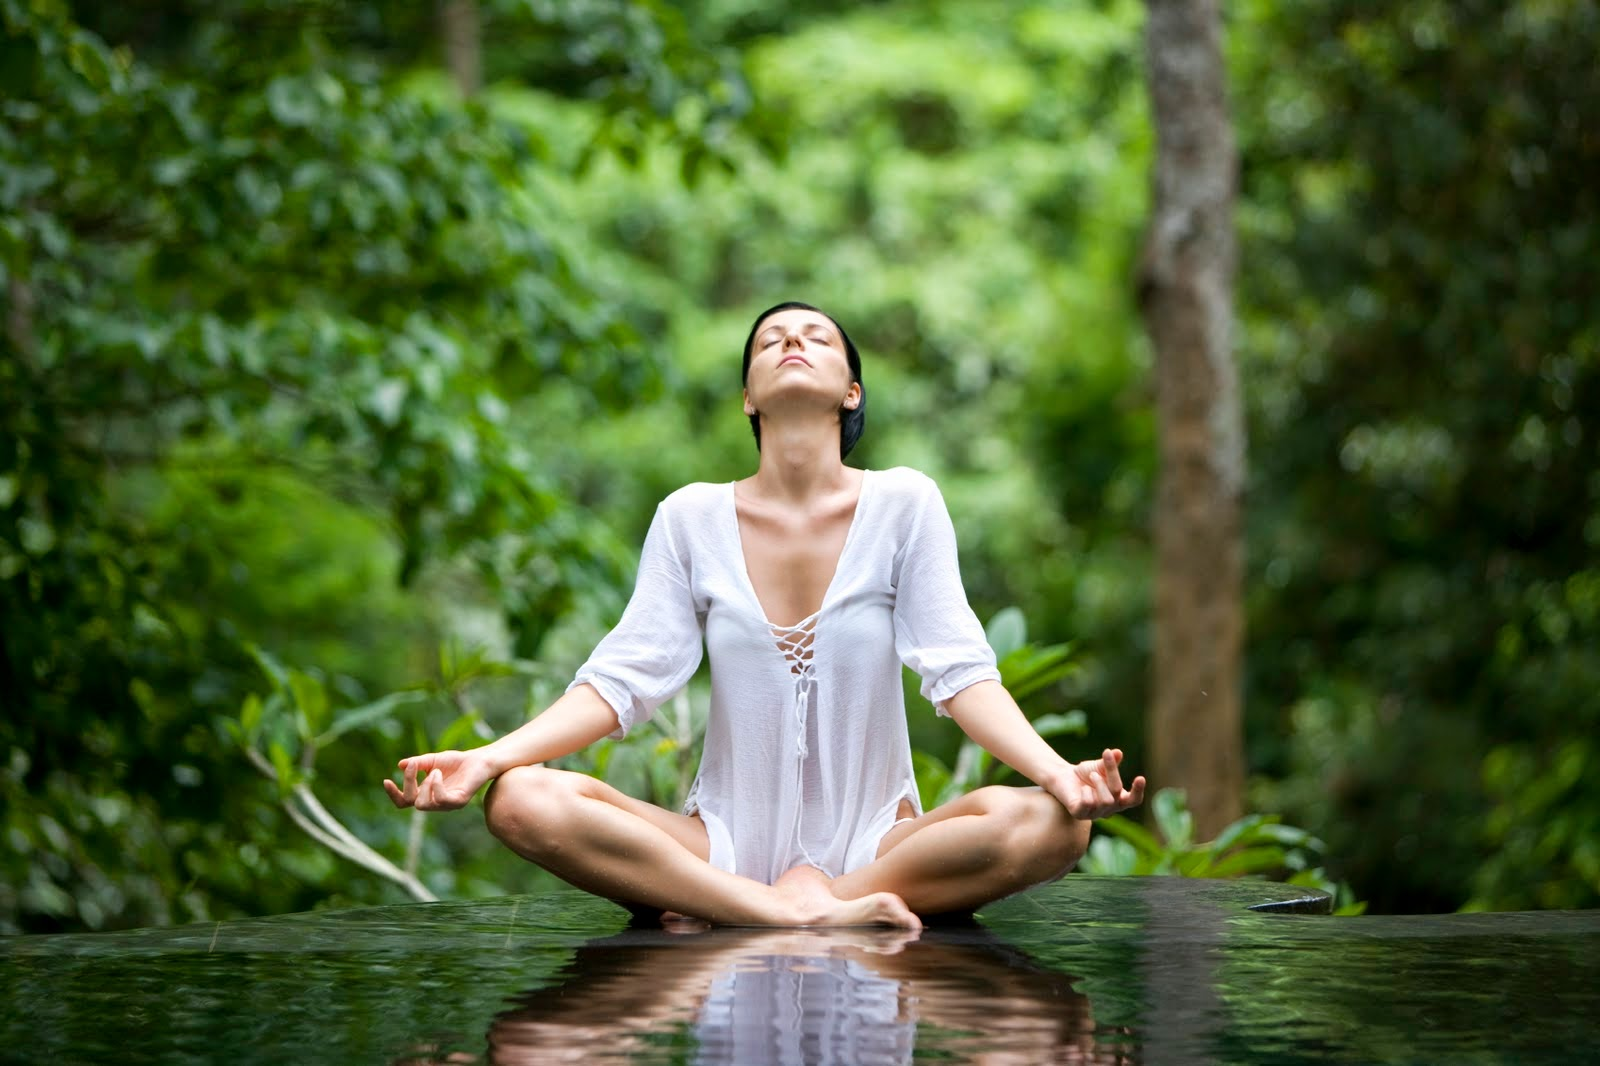 obat pelangsing herbal cepat aman dan ampuh,pelangsing alami